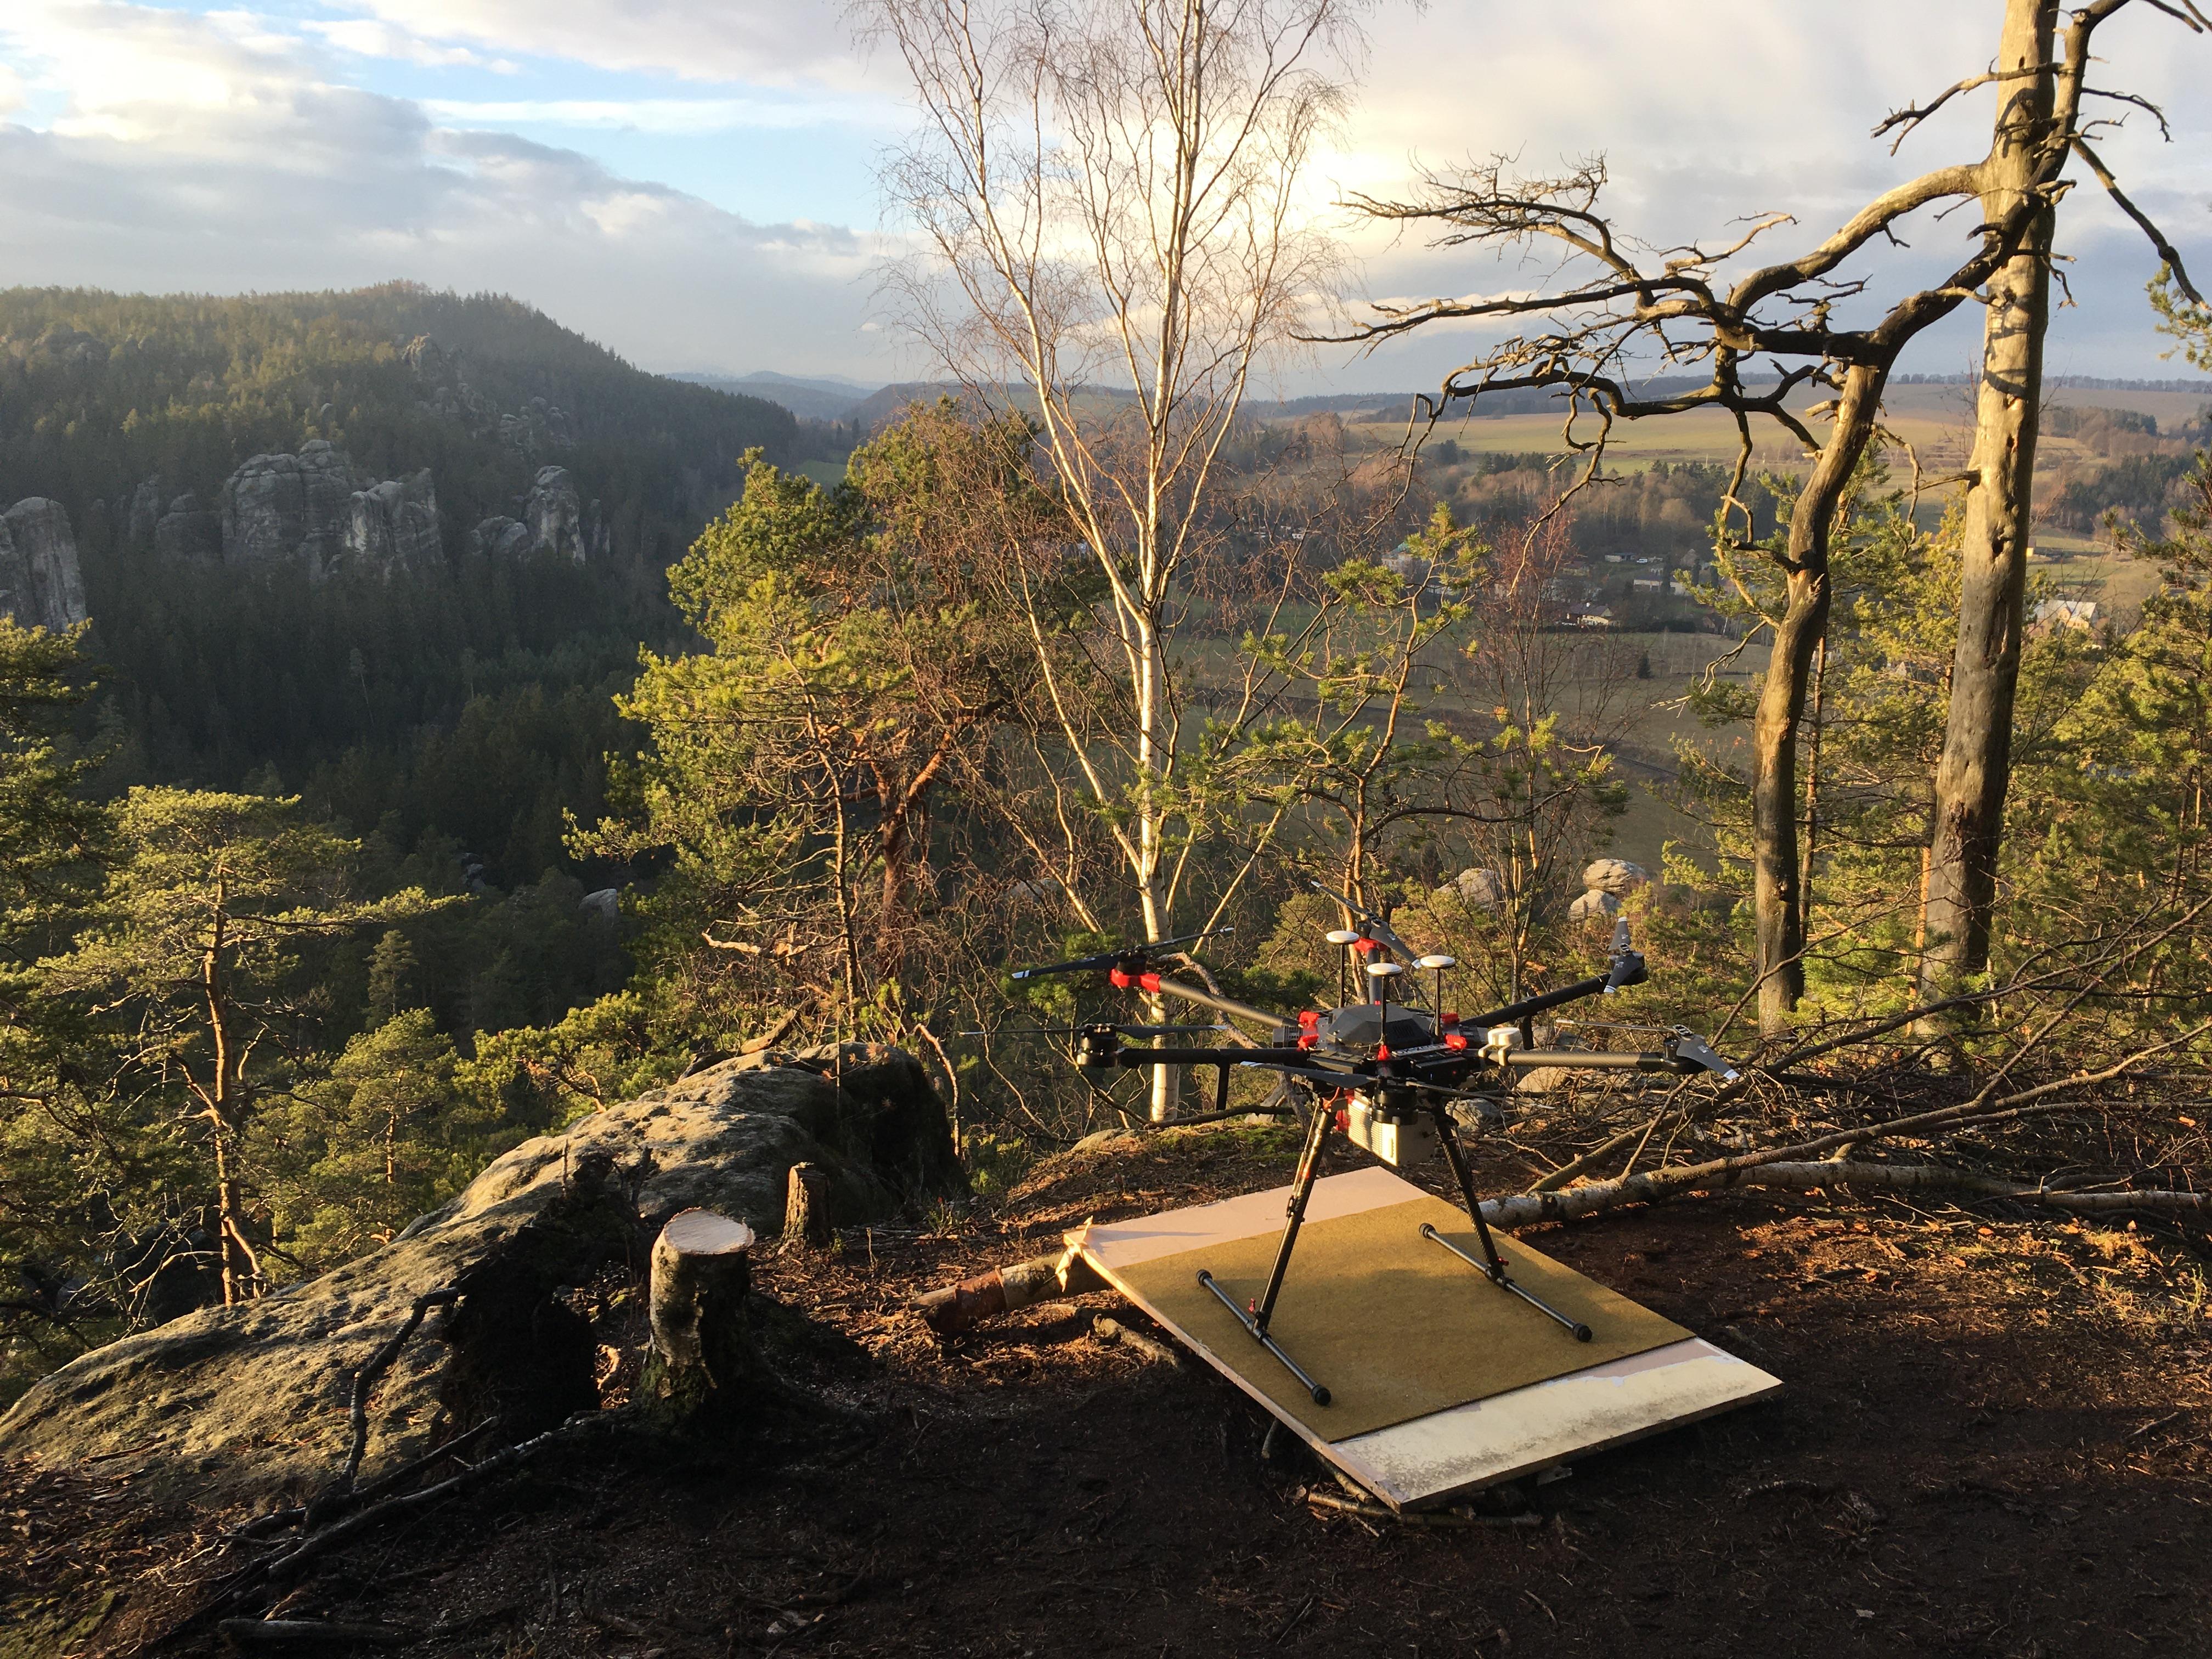 Tentokrát jsme prováděli laserové skenování z dronu v Adršpašsko-teplických skalách